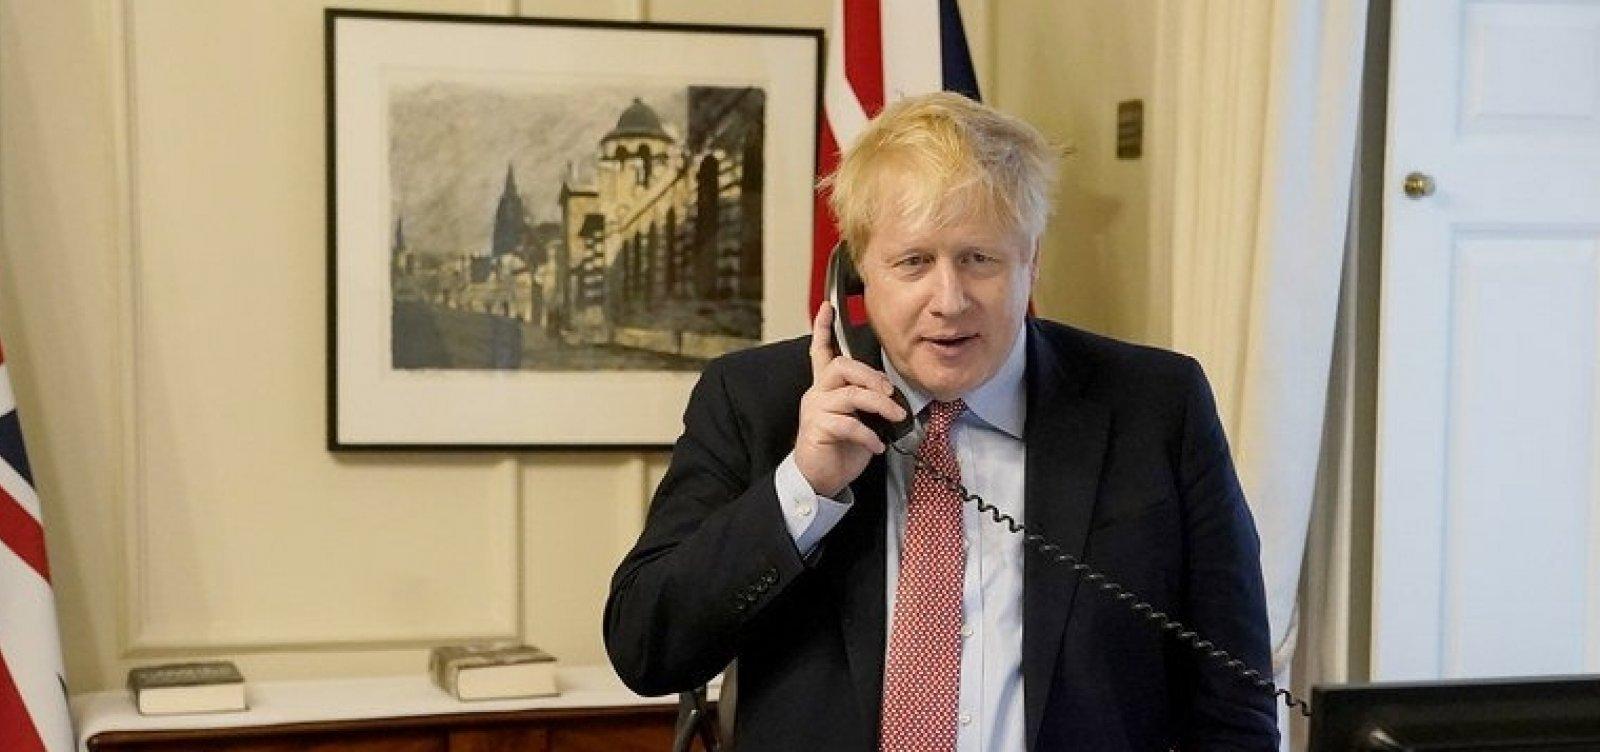 [Após ser infectado com coronavírus, Boris Johnson é internado em hospital]